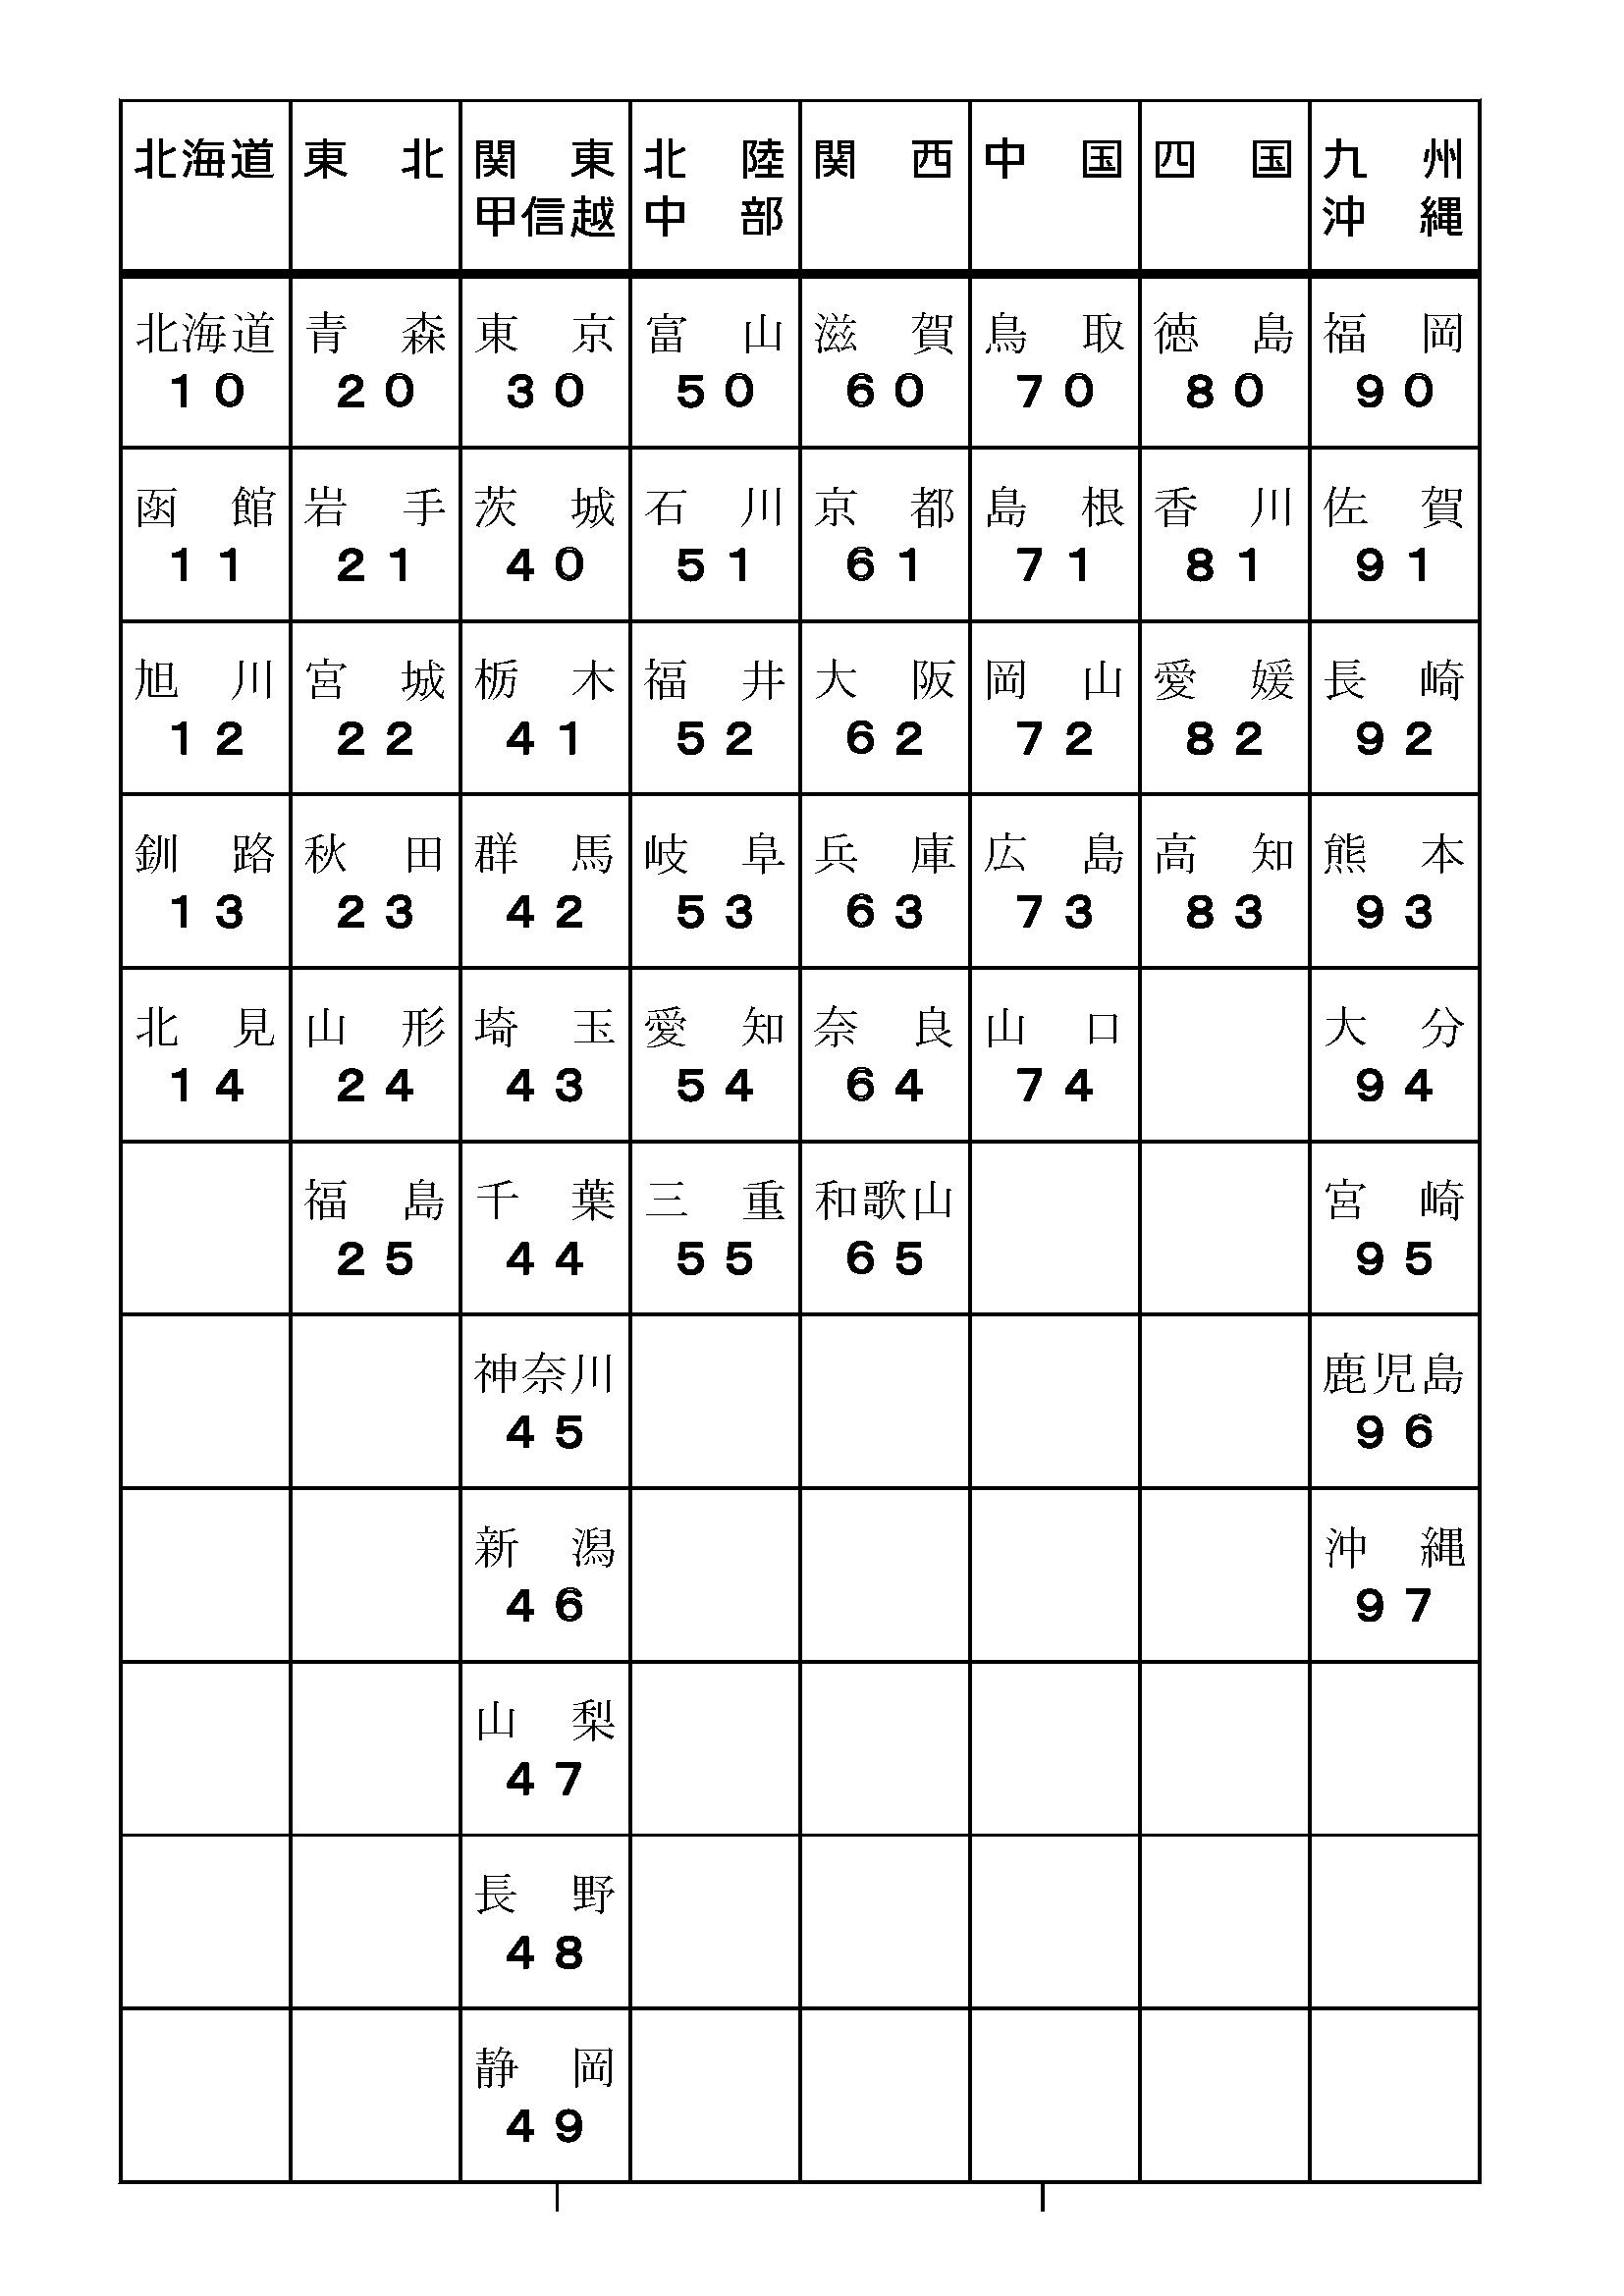 免許証の番号(A4)1